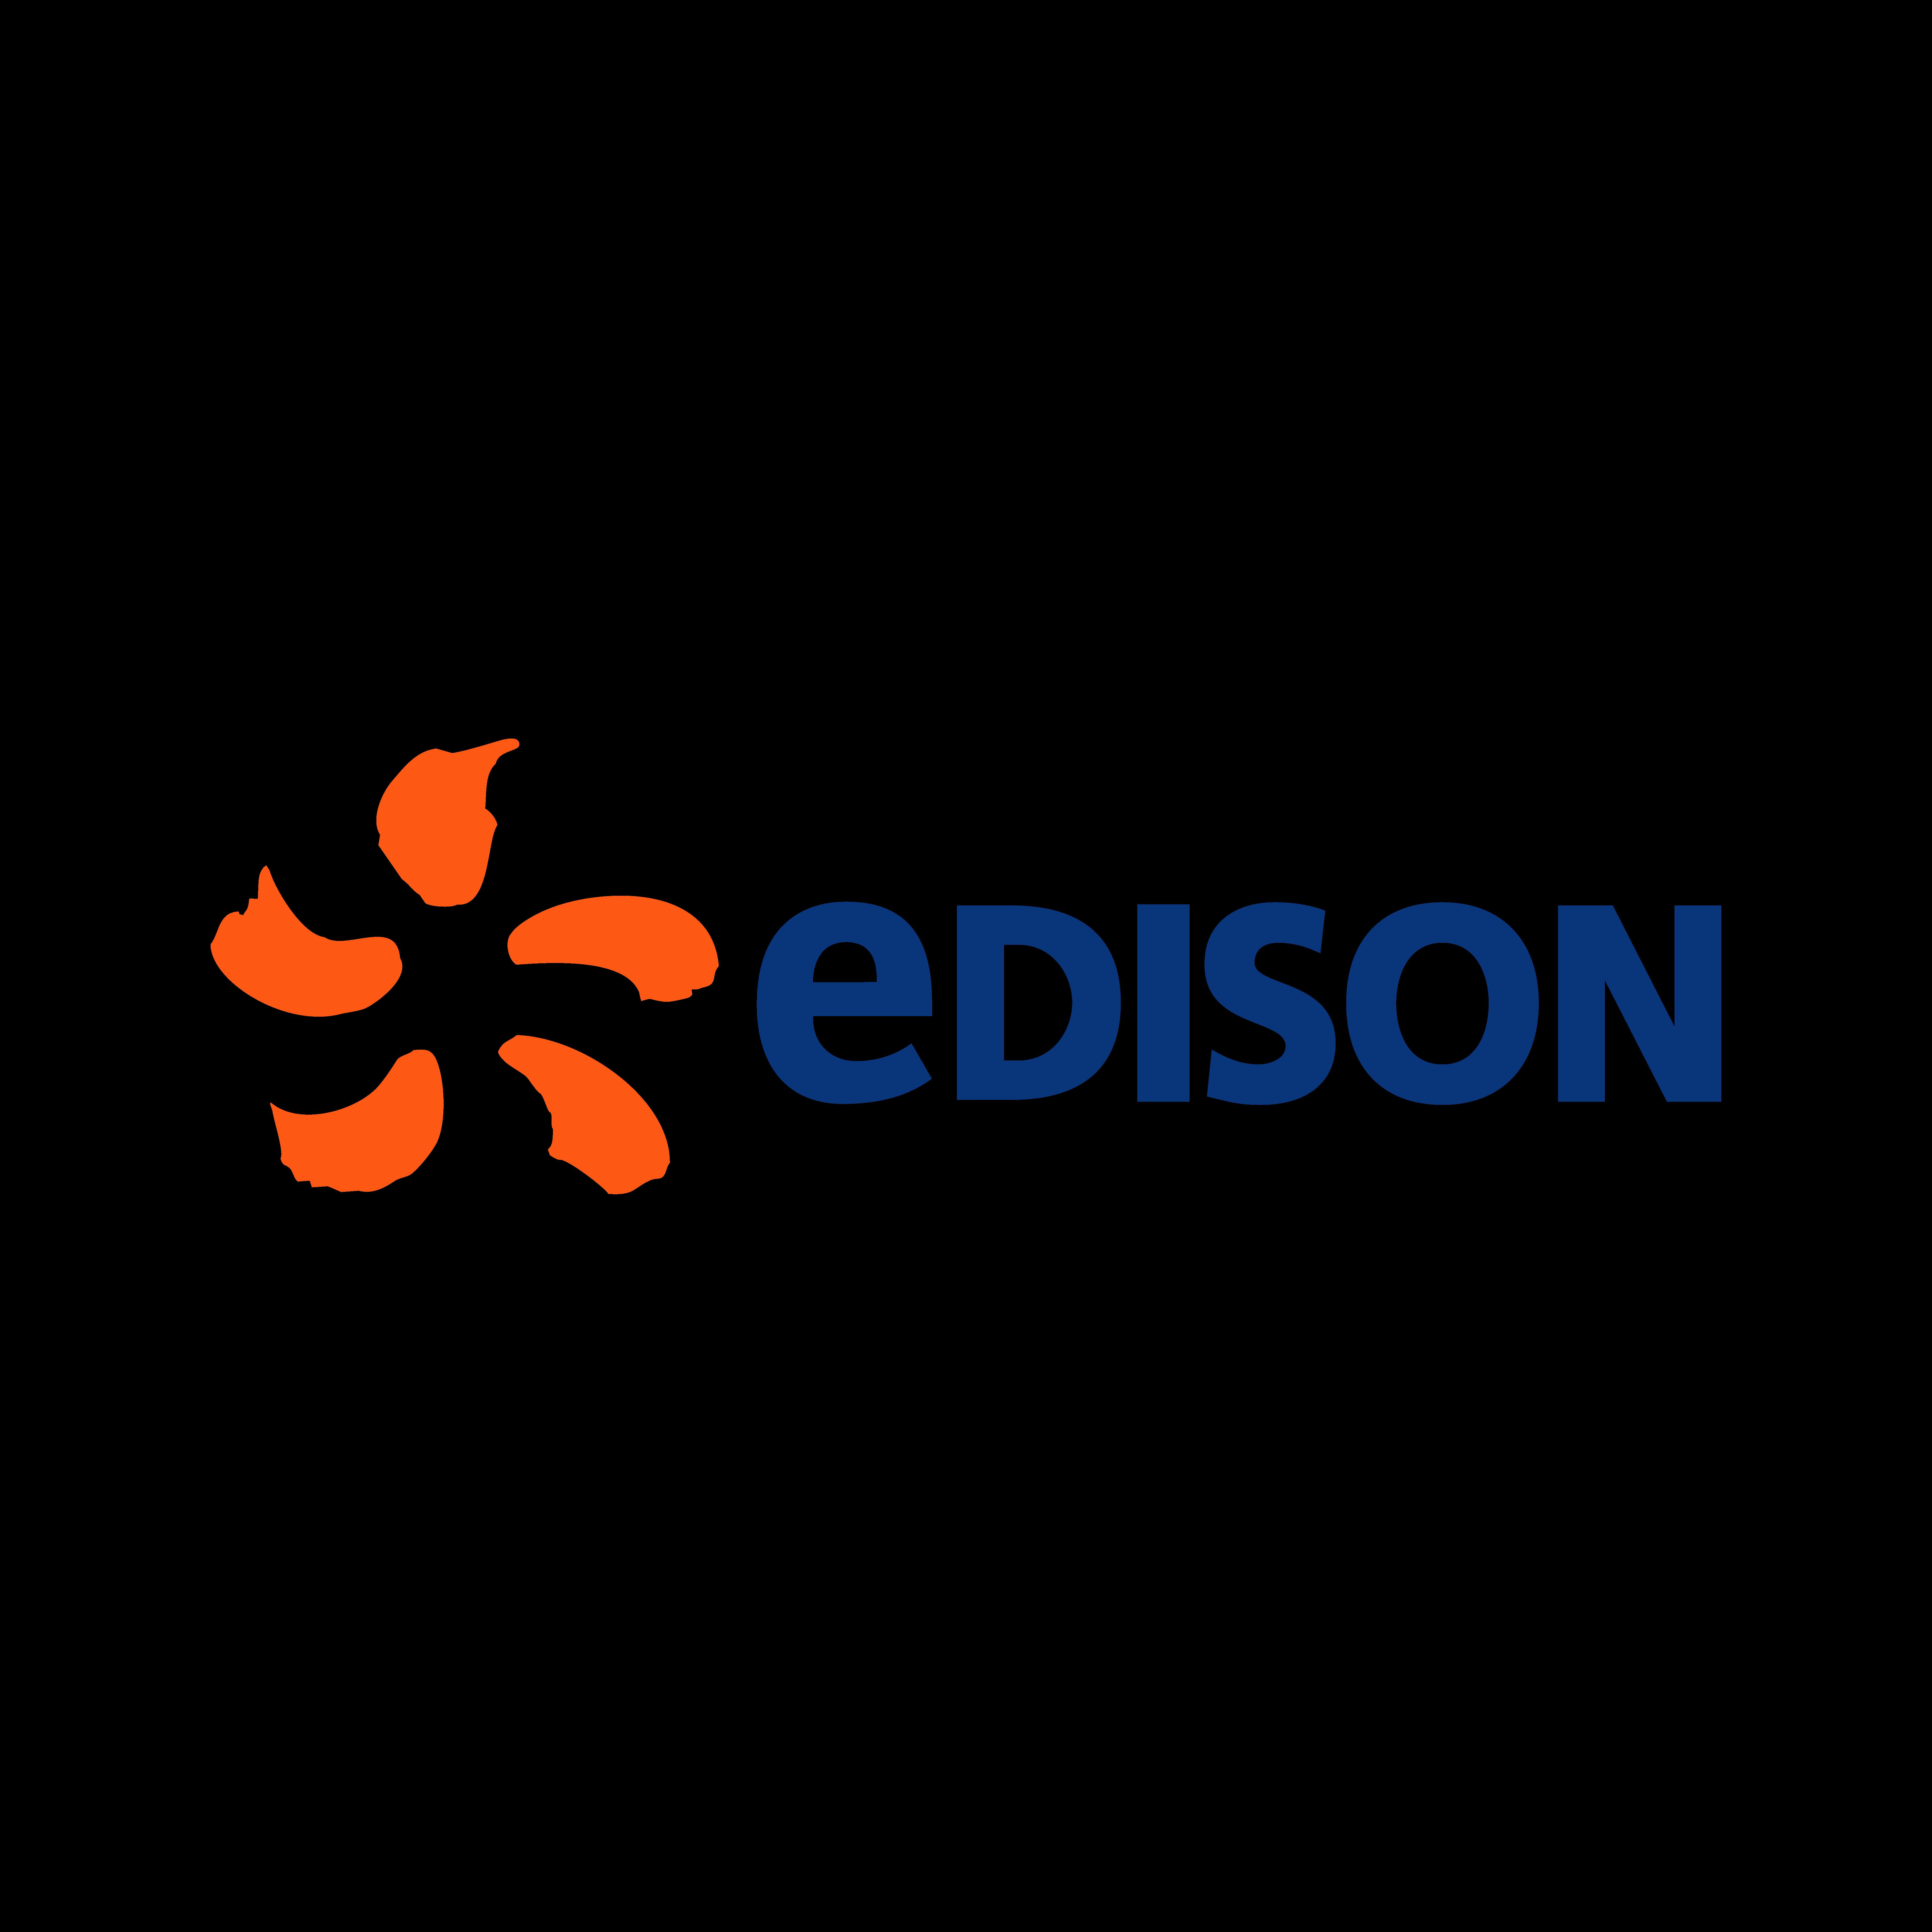 Edison et METRON s'associent pour réduire la consommation d'énergie des industries italiennes grâce à l'intelligence artificielle.